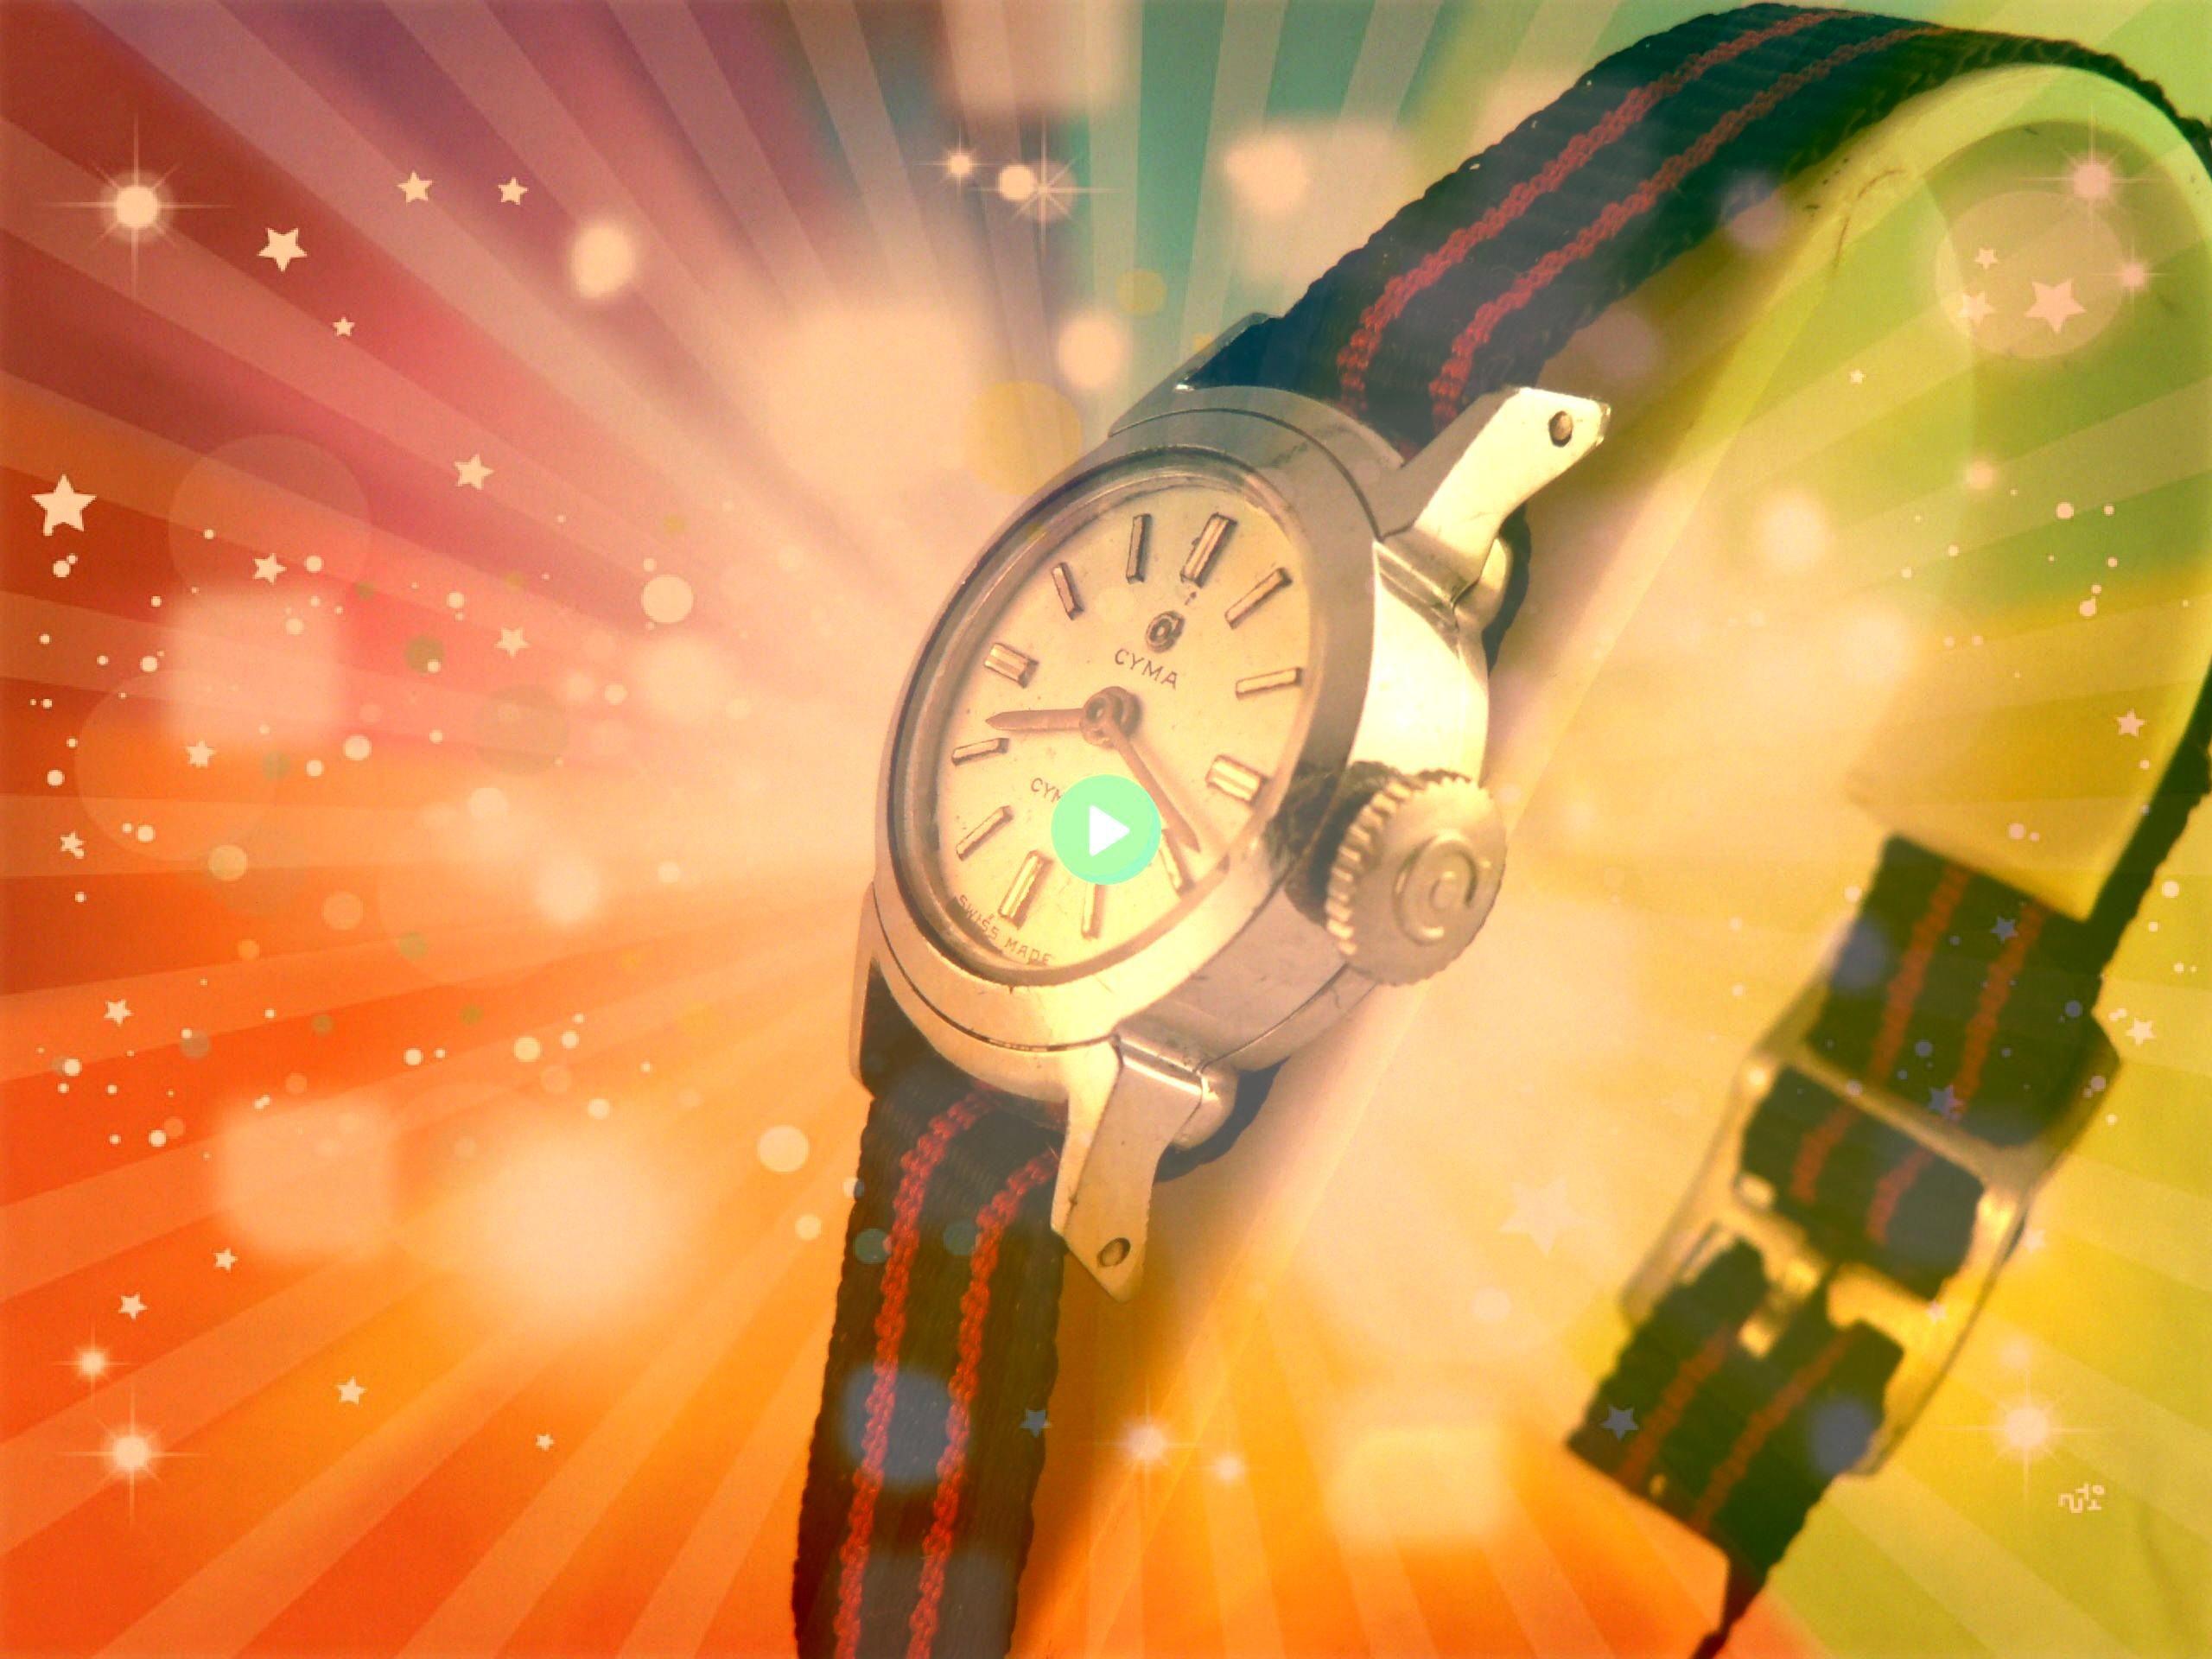 Cyma Cymaflex Wrist Watch 17 J Swiss Made Ca 1950s VintageLadies Cyma Cymaflex Wrist Watch 17 J Swiss Made Ca 1950s Name brand Lightly worn Fossil watch with leather stra...